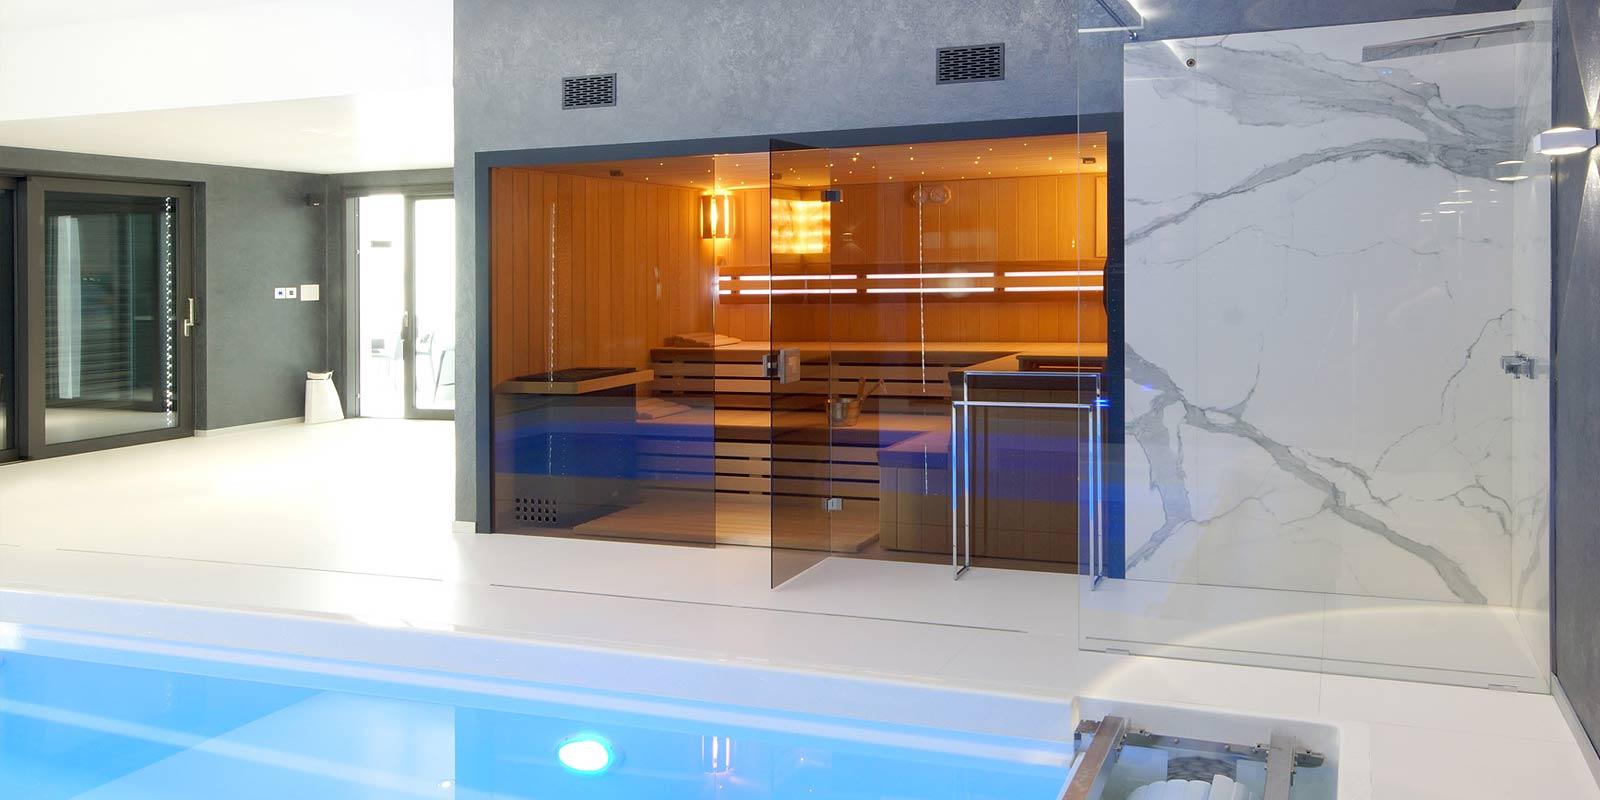 Finská sauna Modus s hvězdným nebem, prosklenou čelní stěnou a bazénem